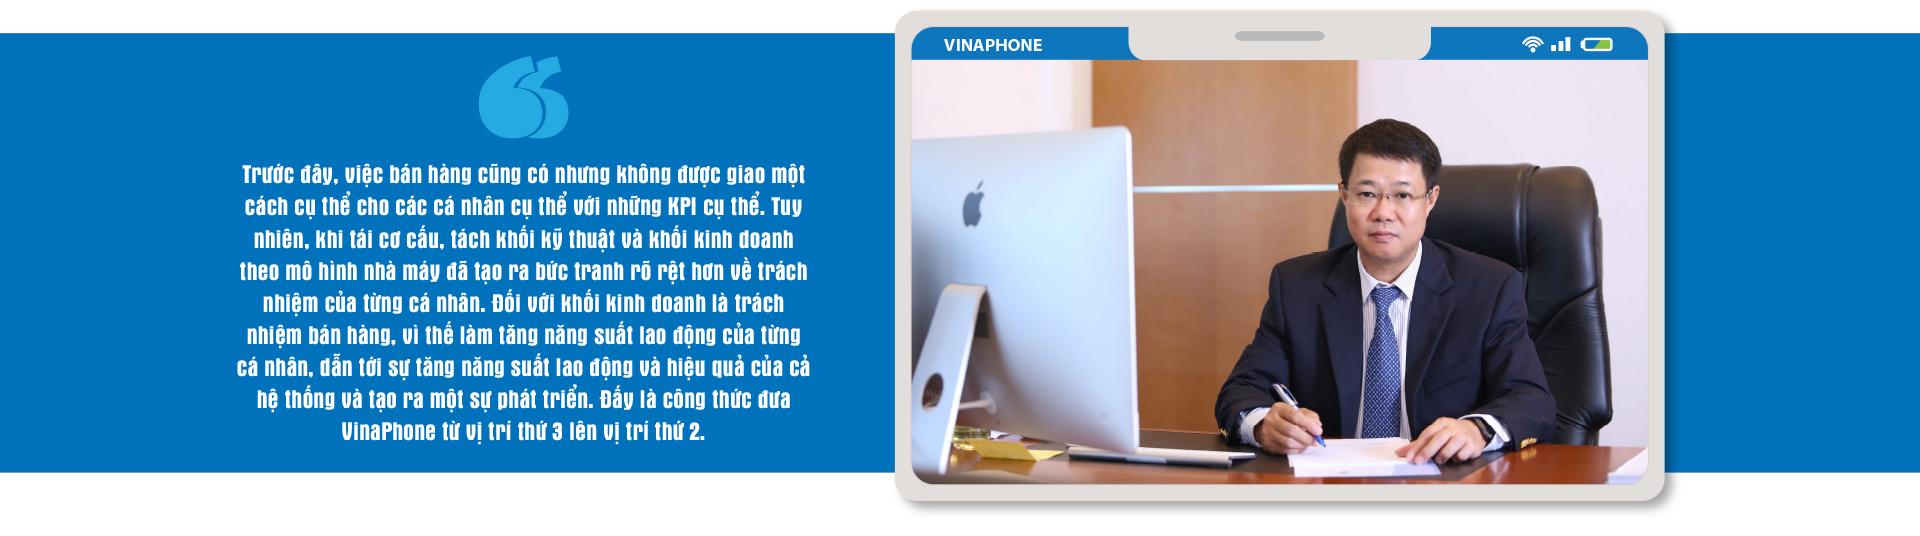 """CEO VNPT-VinaPhone: """"25 tuổi, VinaPhone muốn là số 1 nhưng không phải số 1 về thuê bao di động"""" - Ảnh 3"""